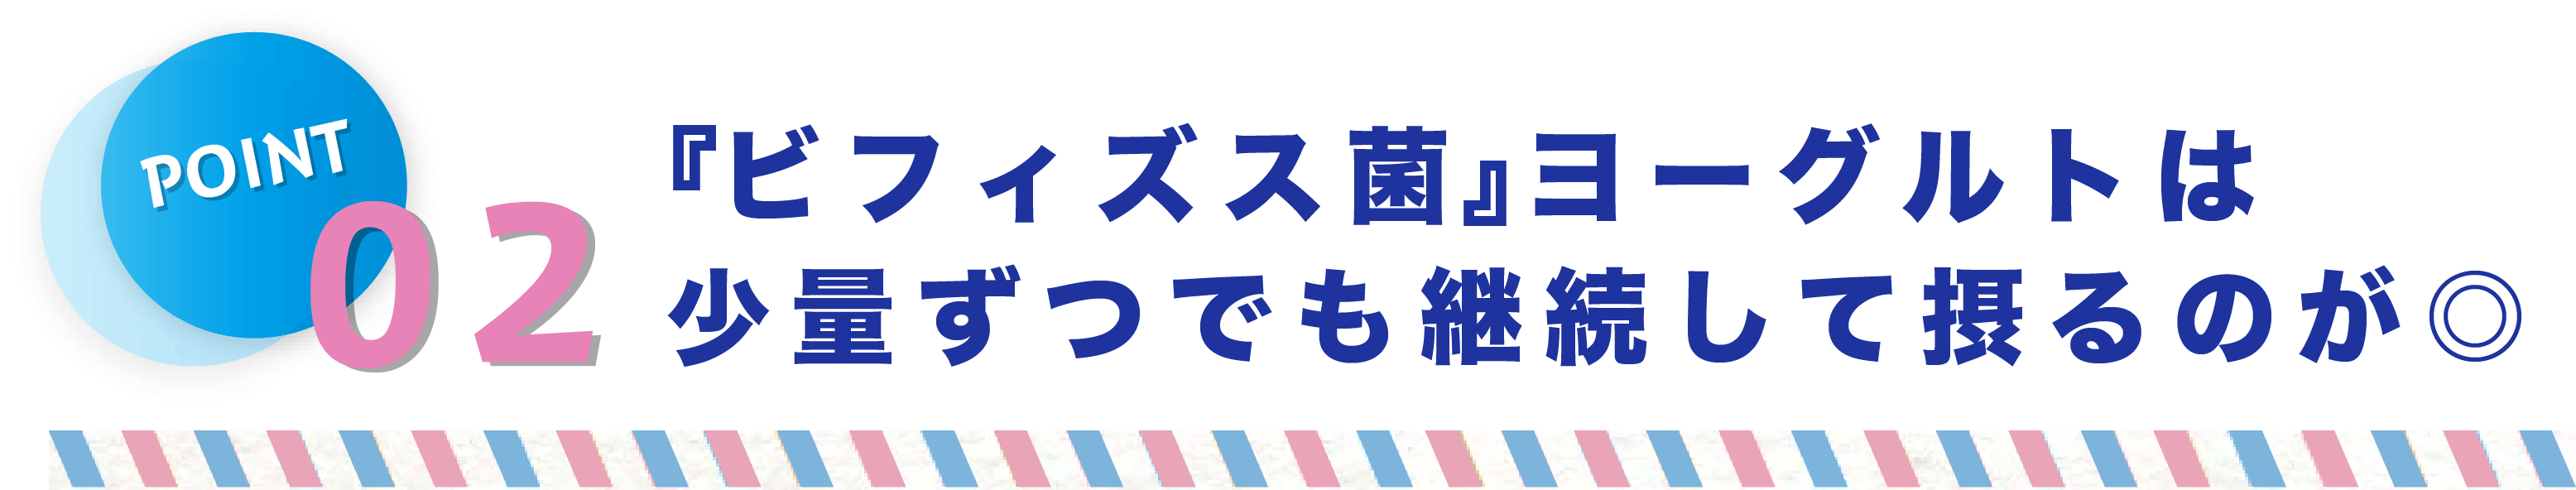 kijima_p2_2